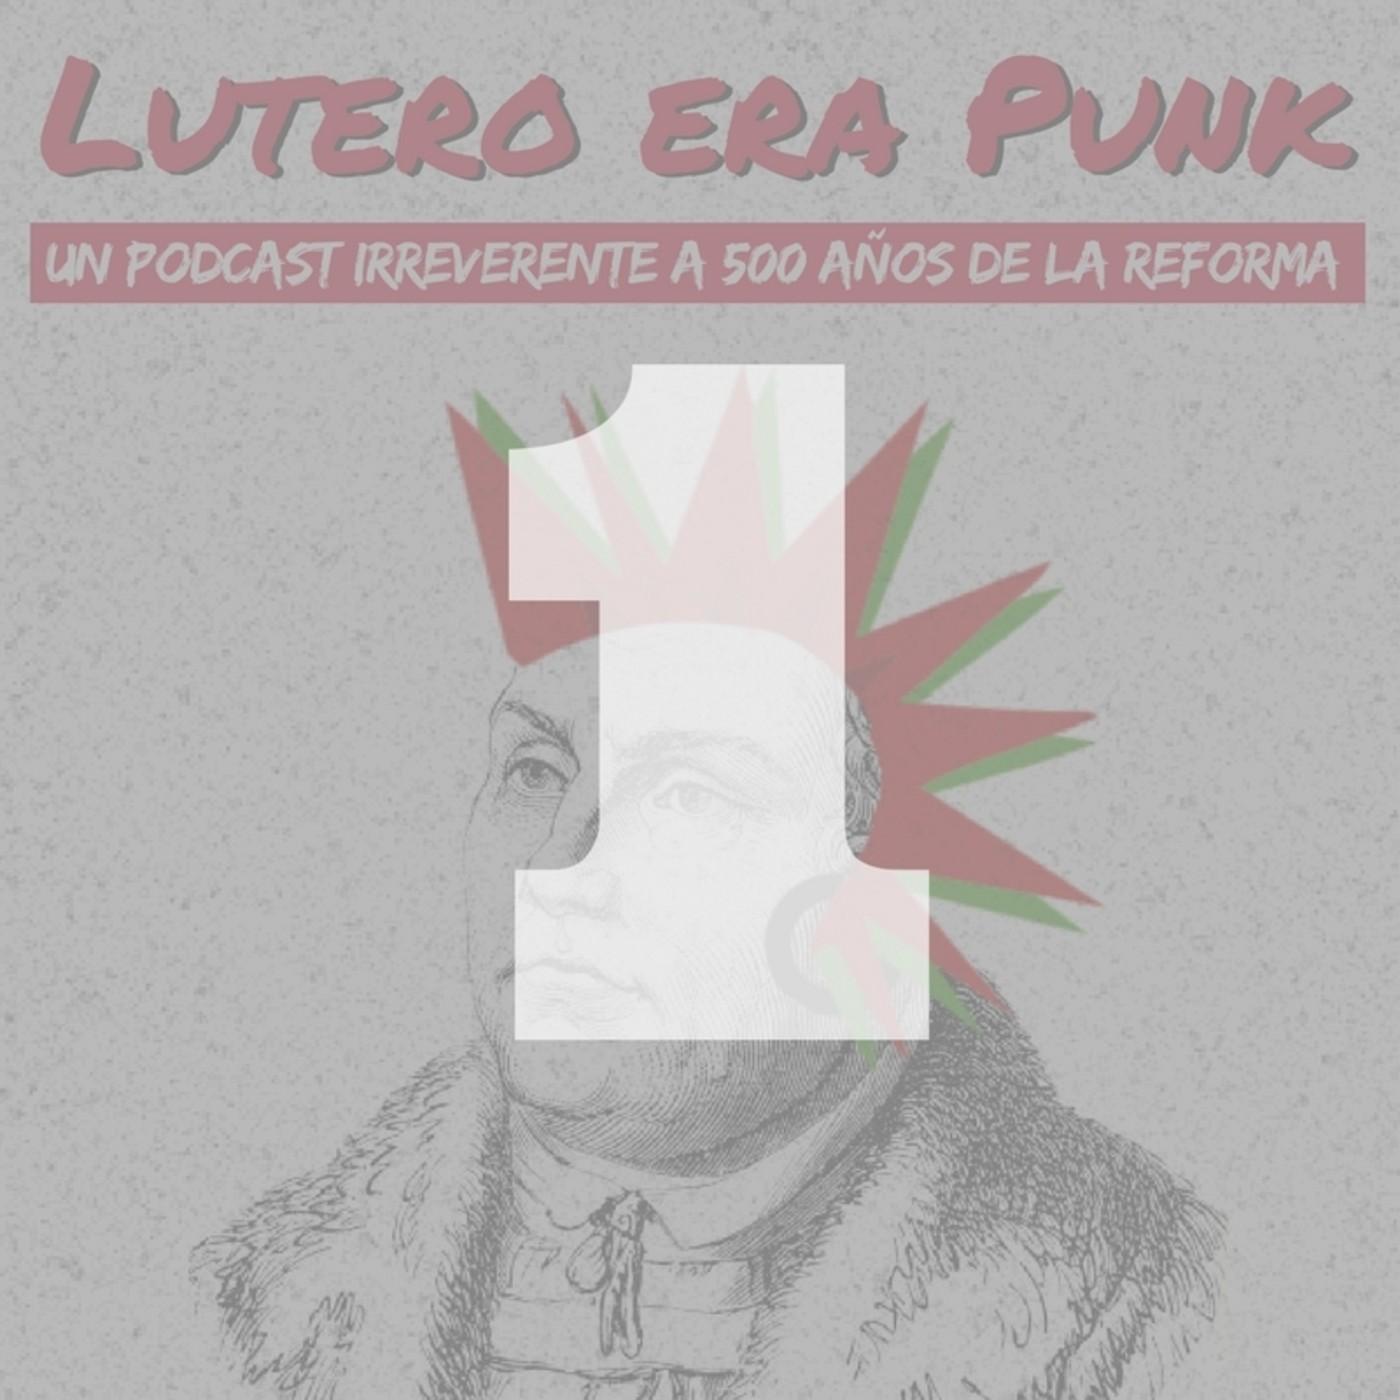 Lutero era punk | Capítulo 1